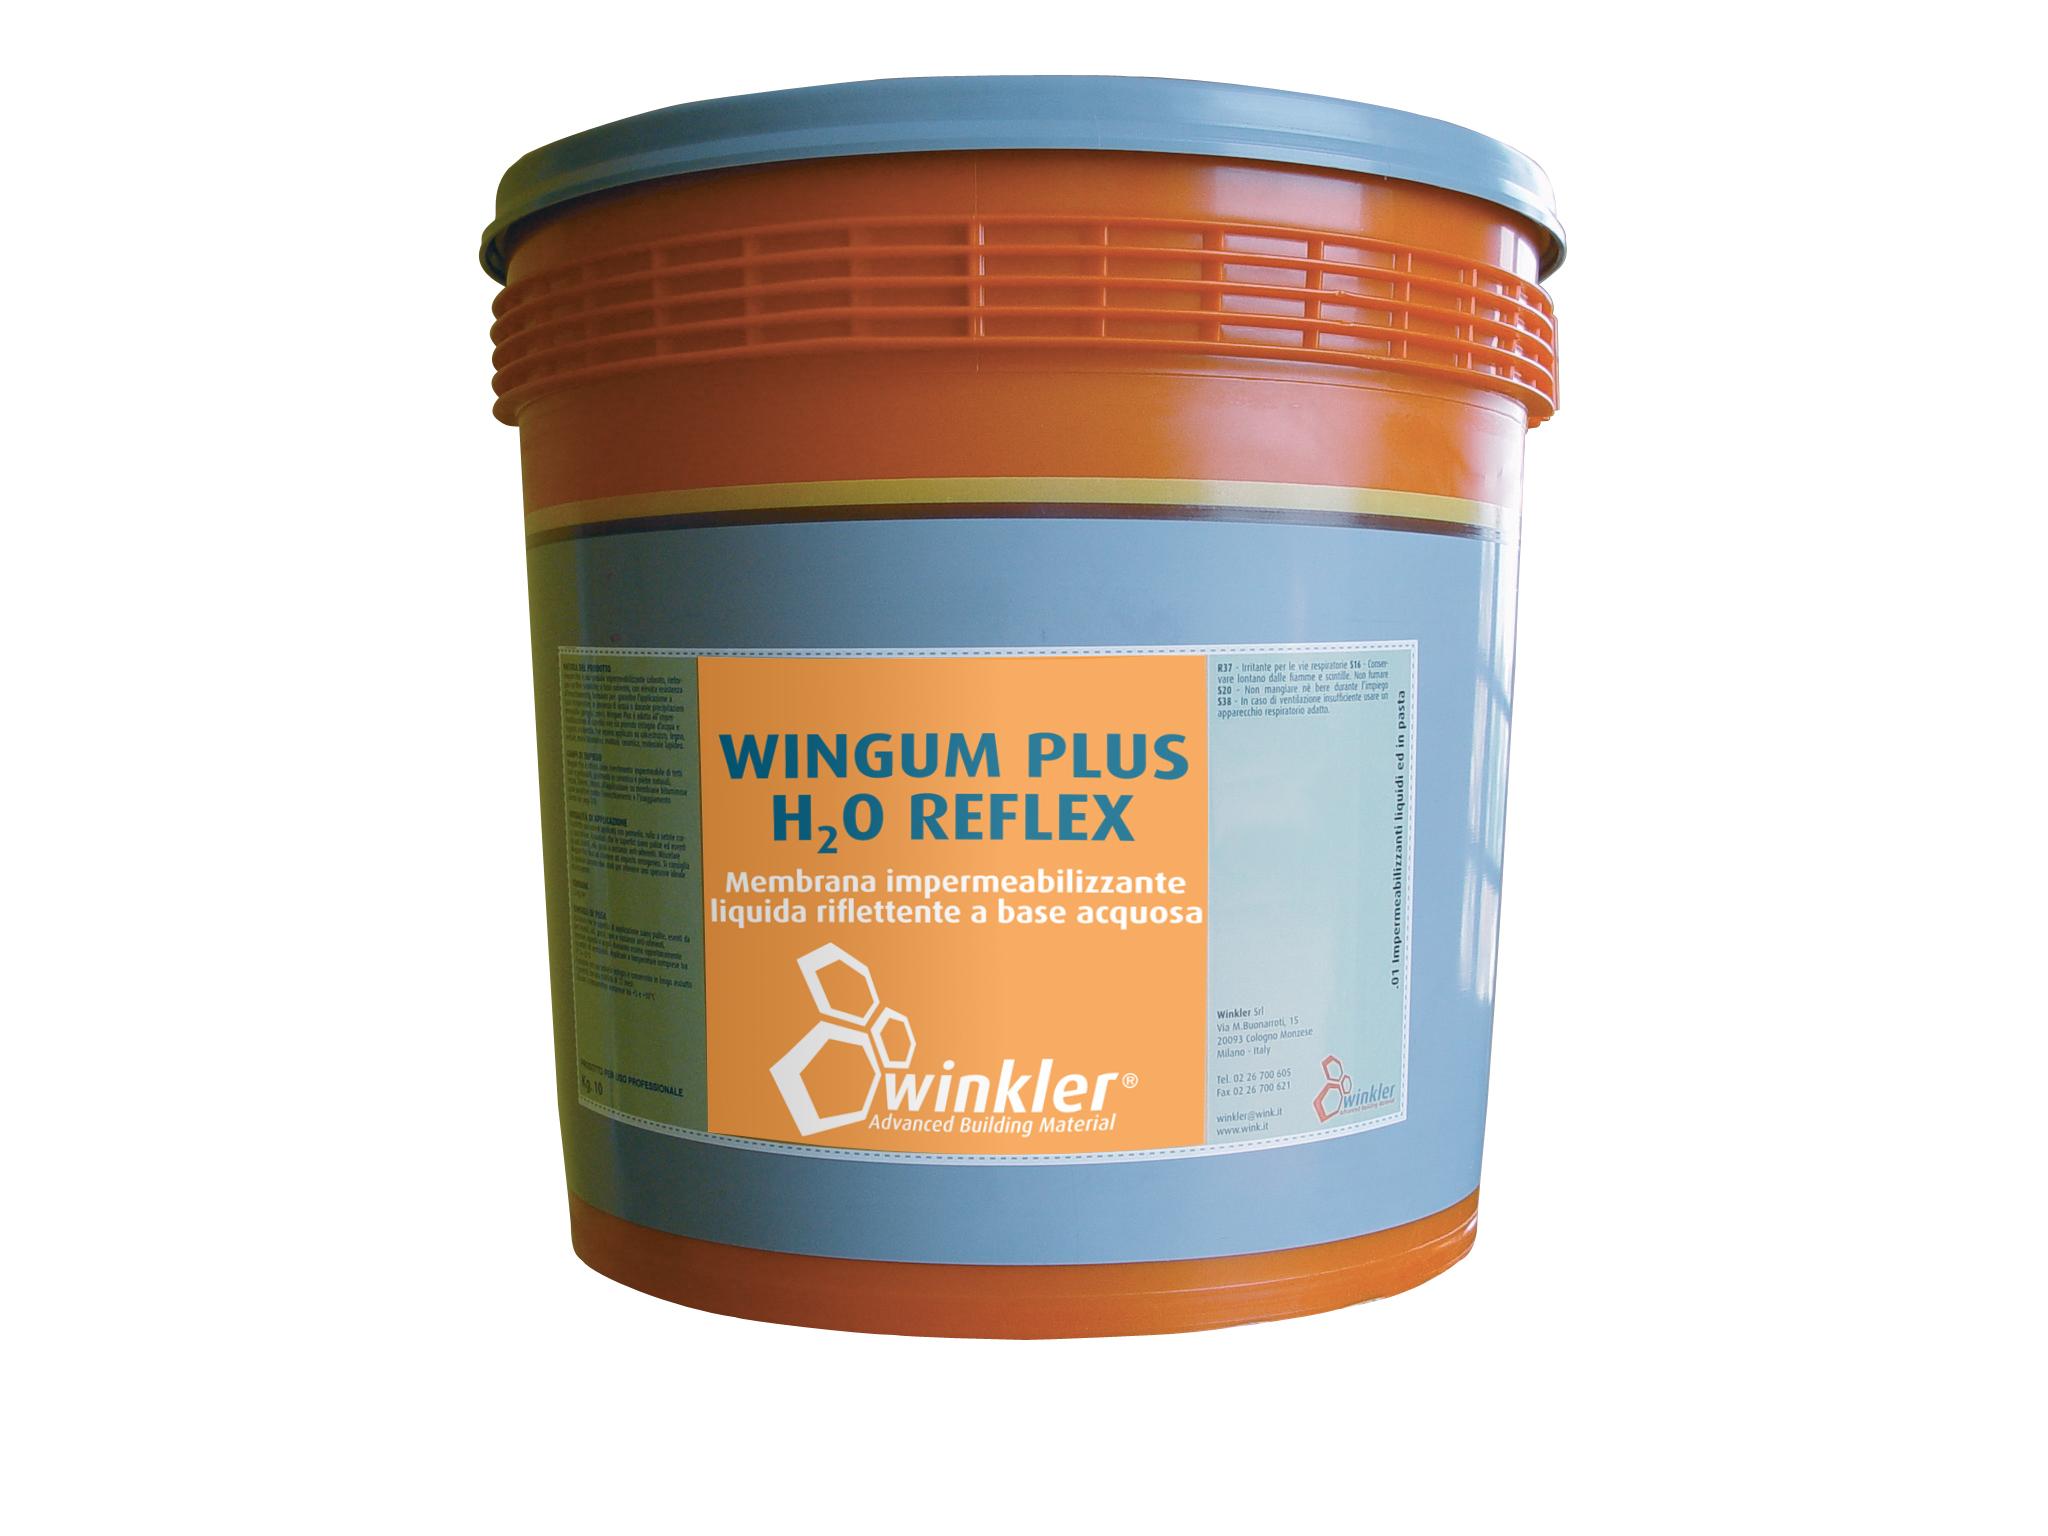 Wingum Plus H2O Reflex